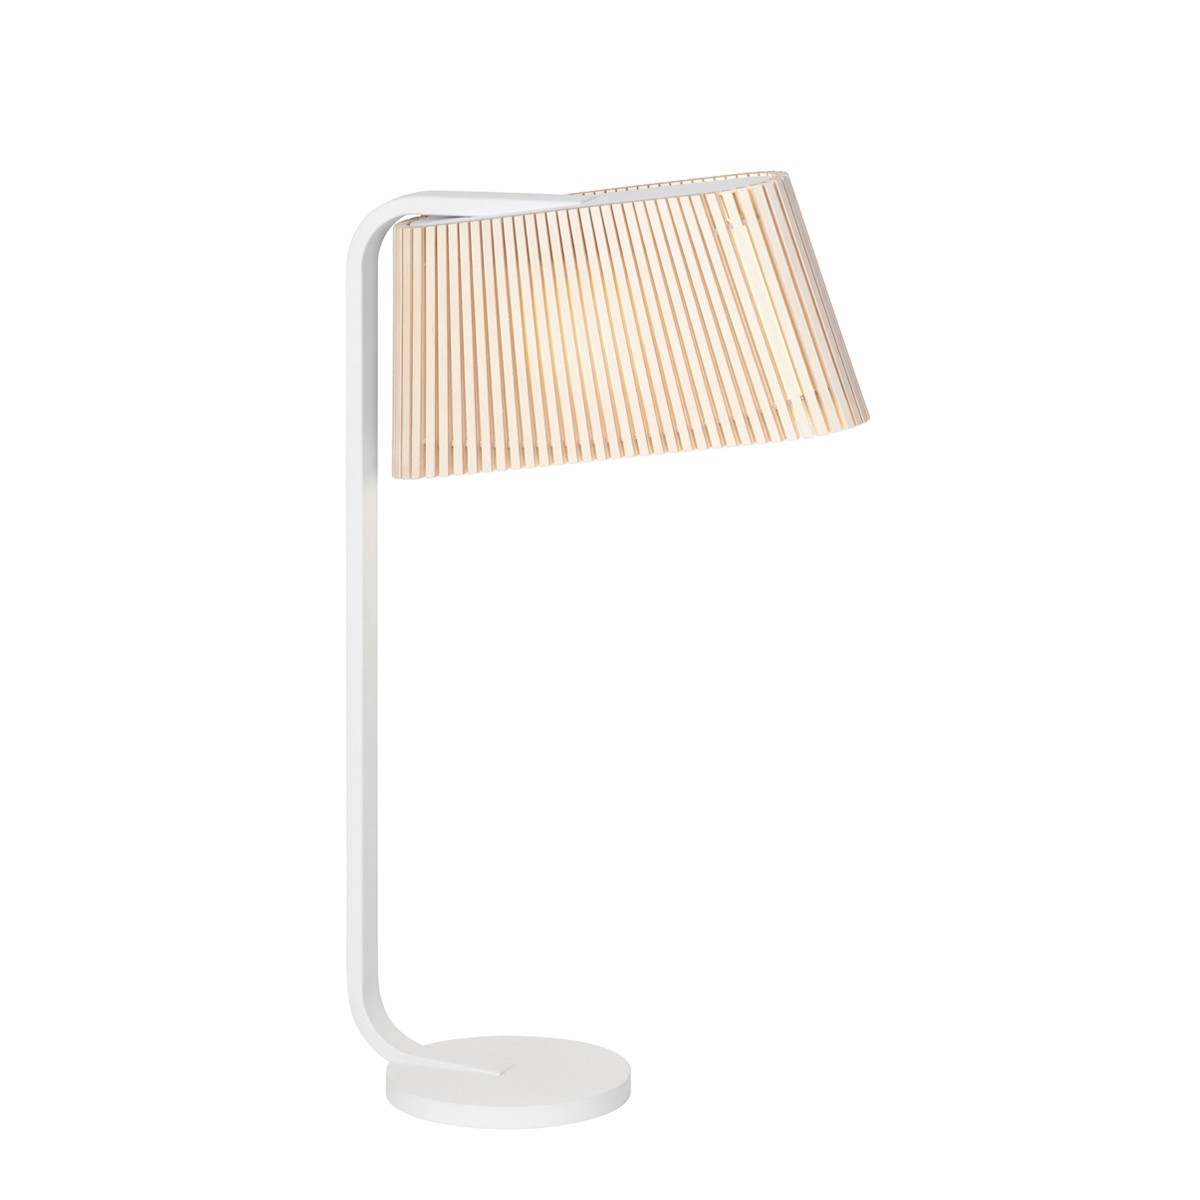 Secto Design Owalo 7020 Tischleuchte, weiß, Schirm: Birke natur